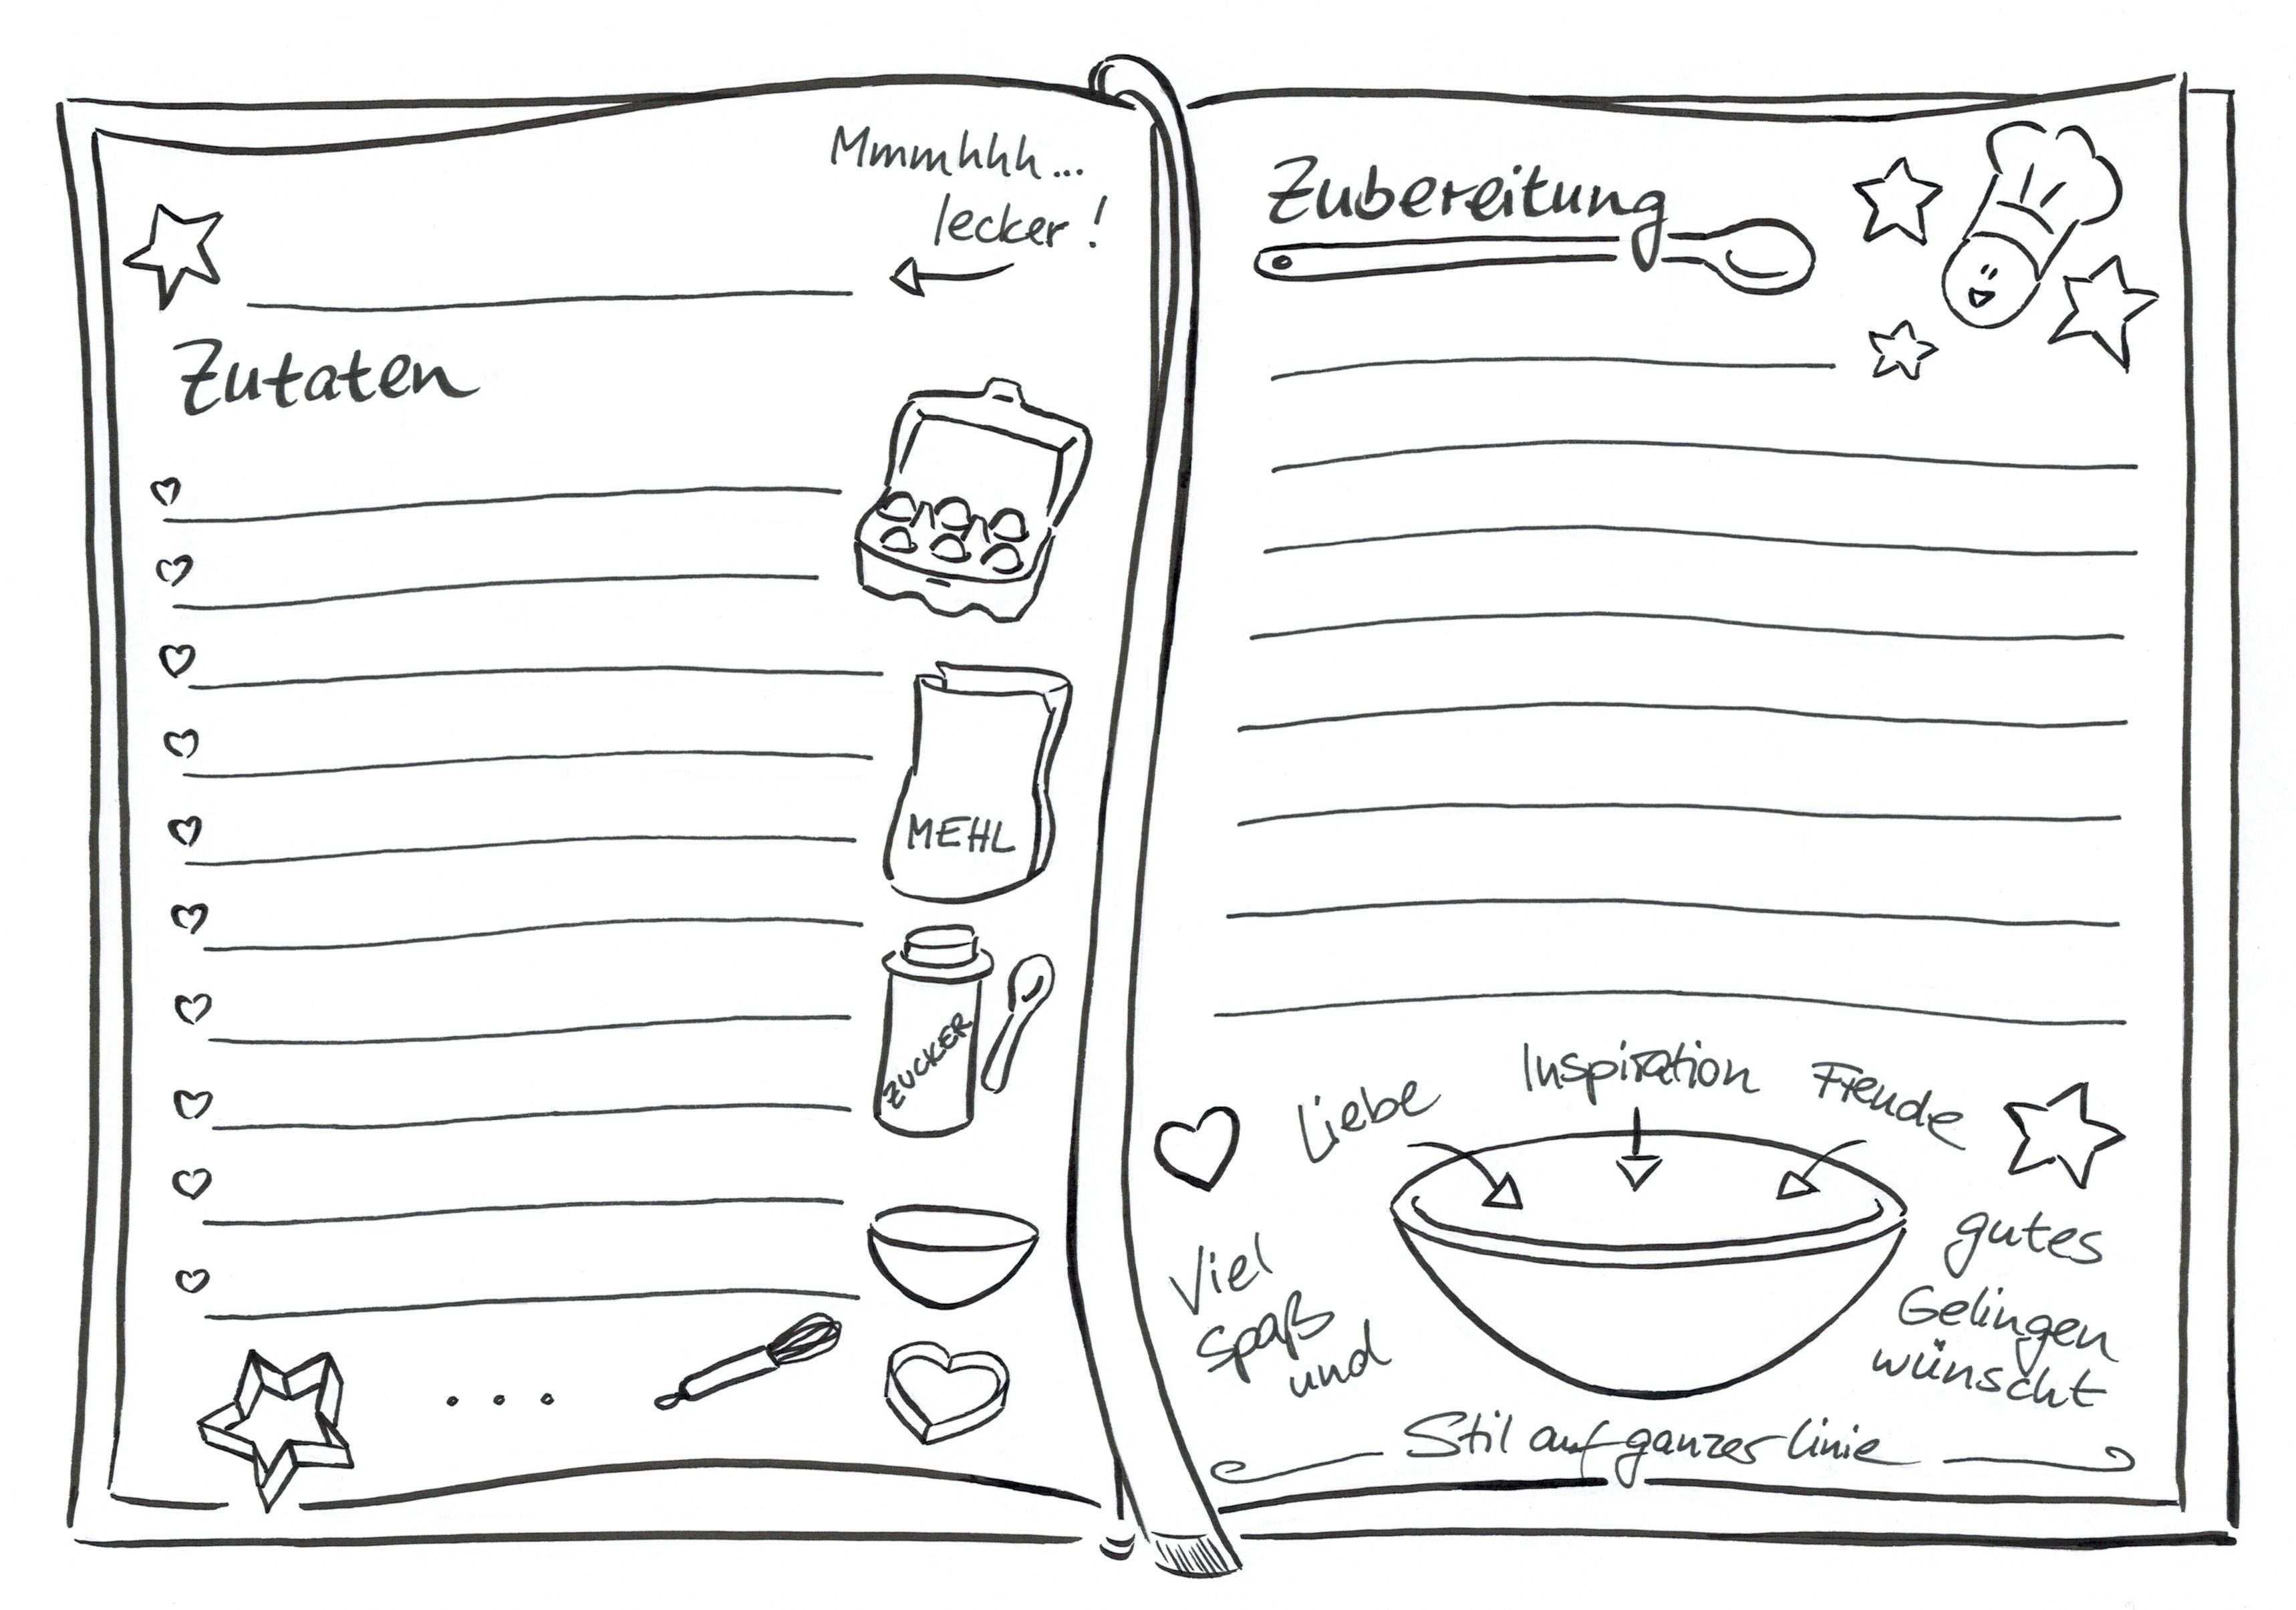 Sketchnote Template Fur Dein Keksrezept Sketchnotes Zeichnung Weihnachtskekse B Kochbuch Vorlage Kochbuch Selbst Gestalten Kochbuch Selbst Gestalten Vorlage